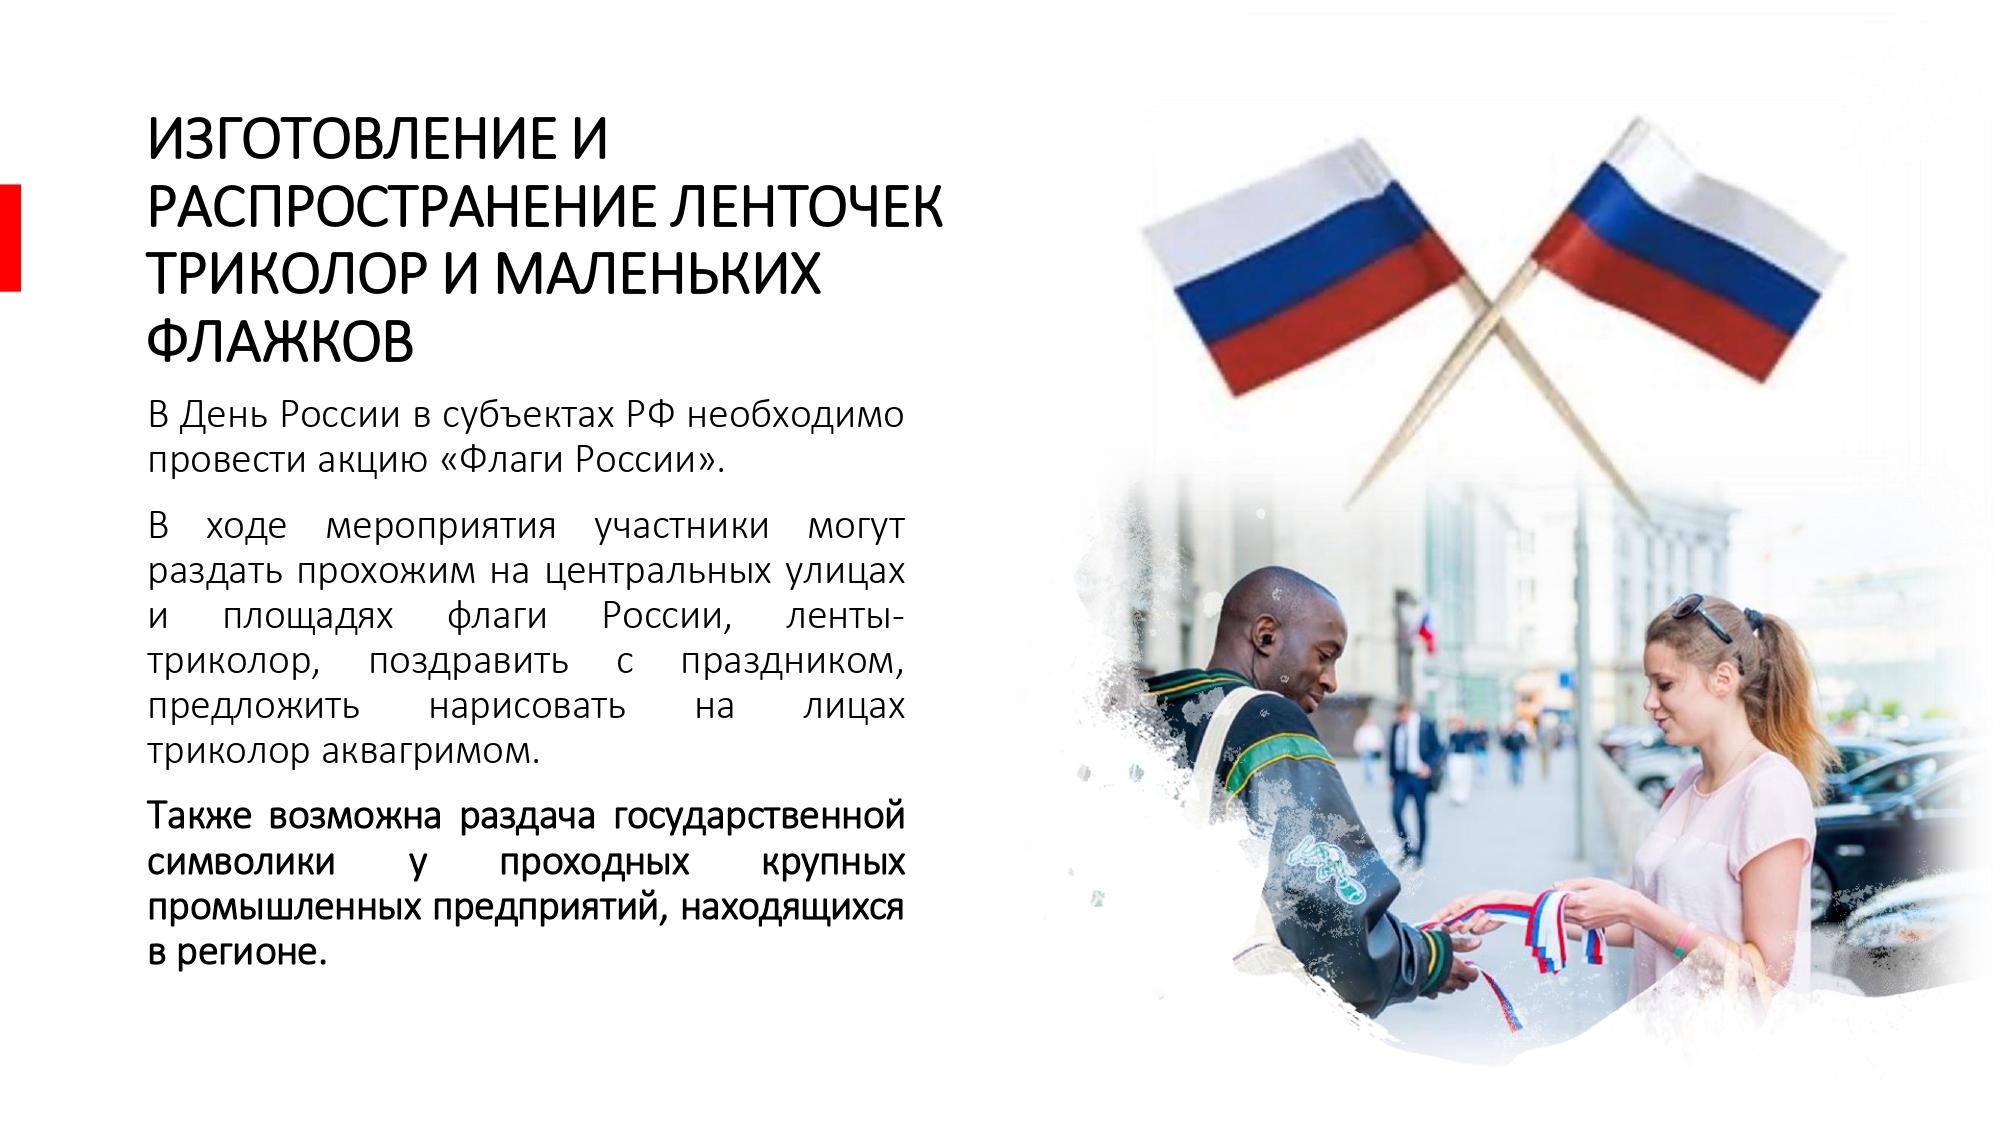 новые проекты для реализациив День России_page-0002